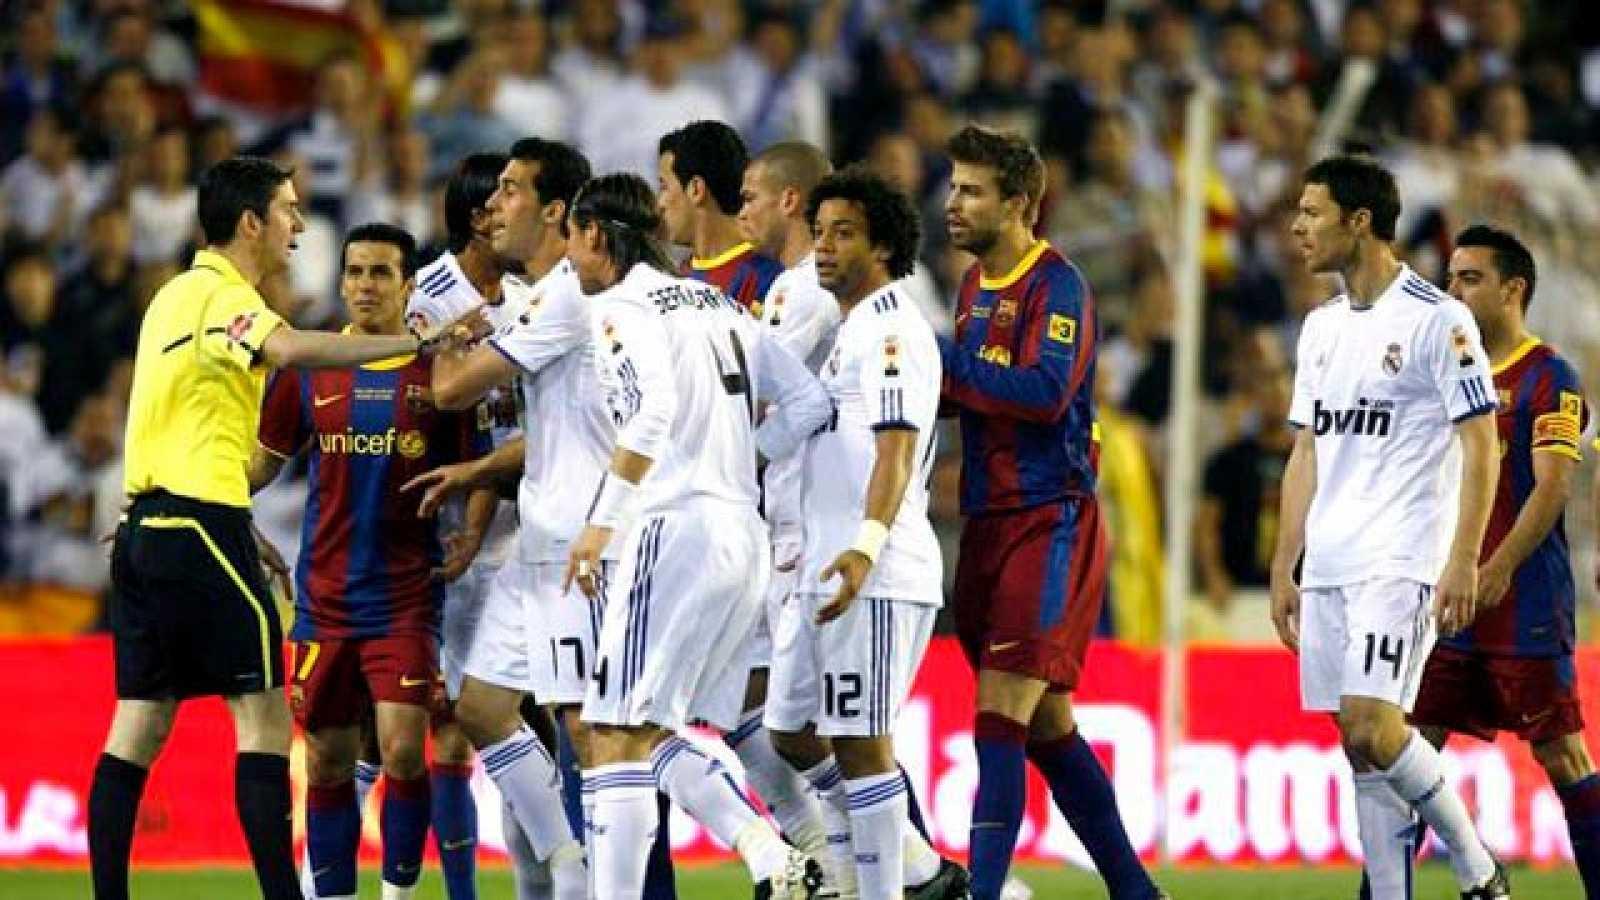 La disputa de un balón en la frontal del área del Madrid hace saltar chispas entre dos jugadores que son compañeros en la selección